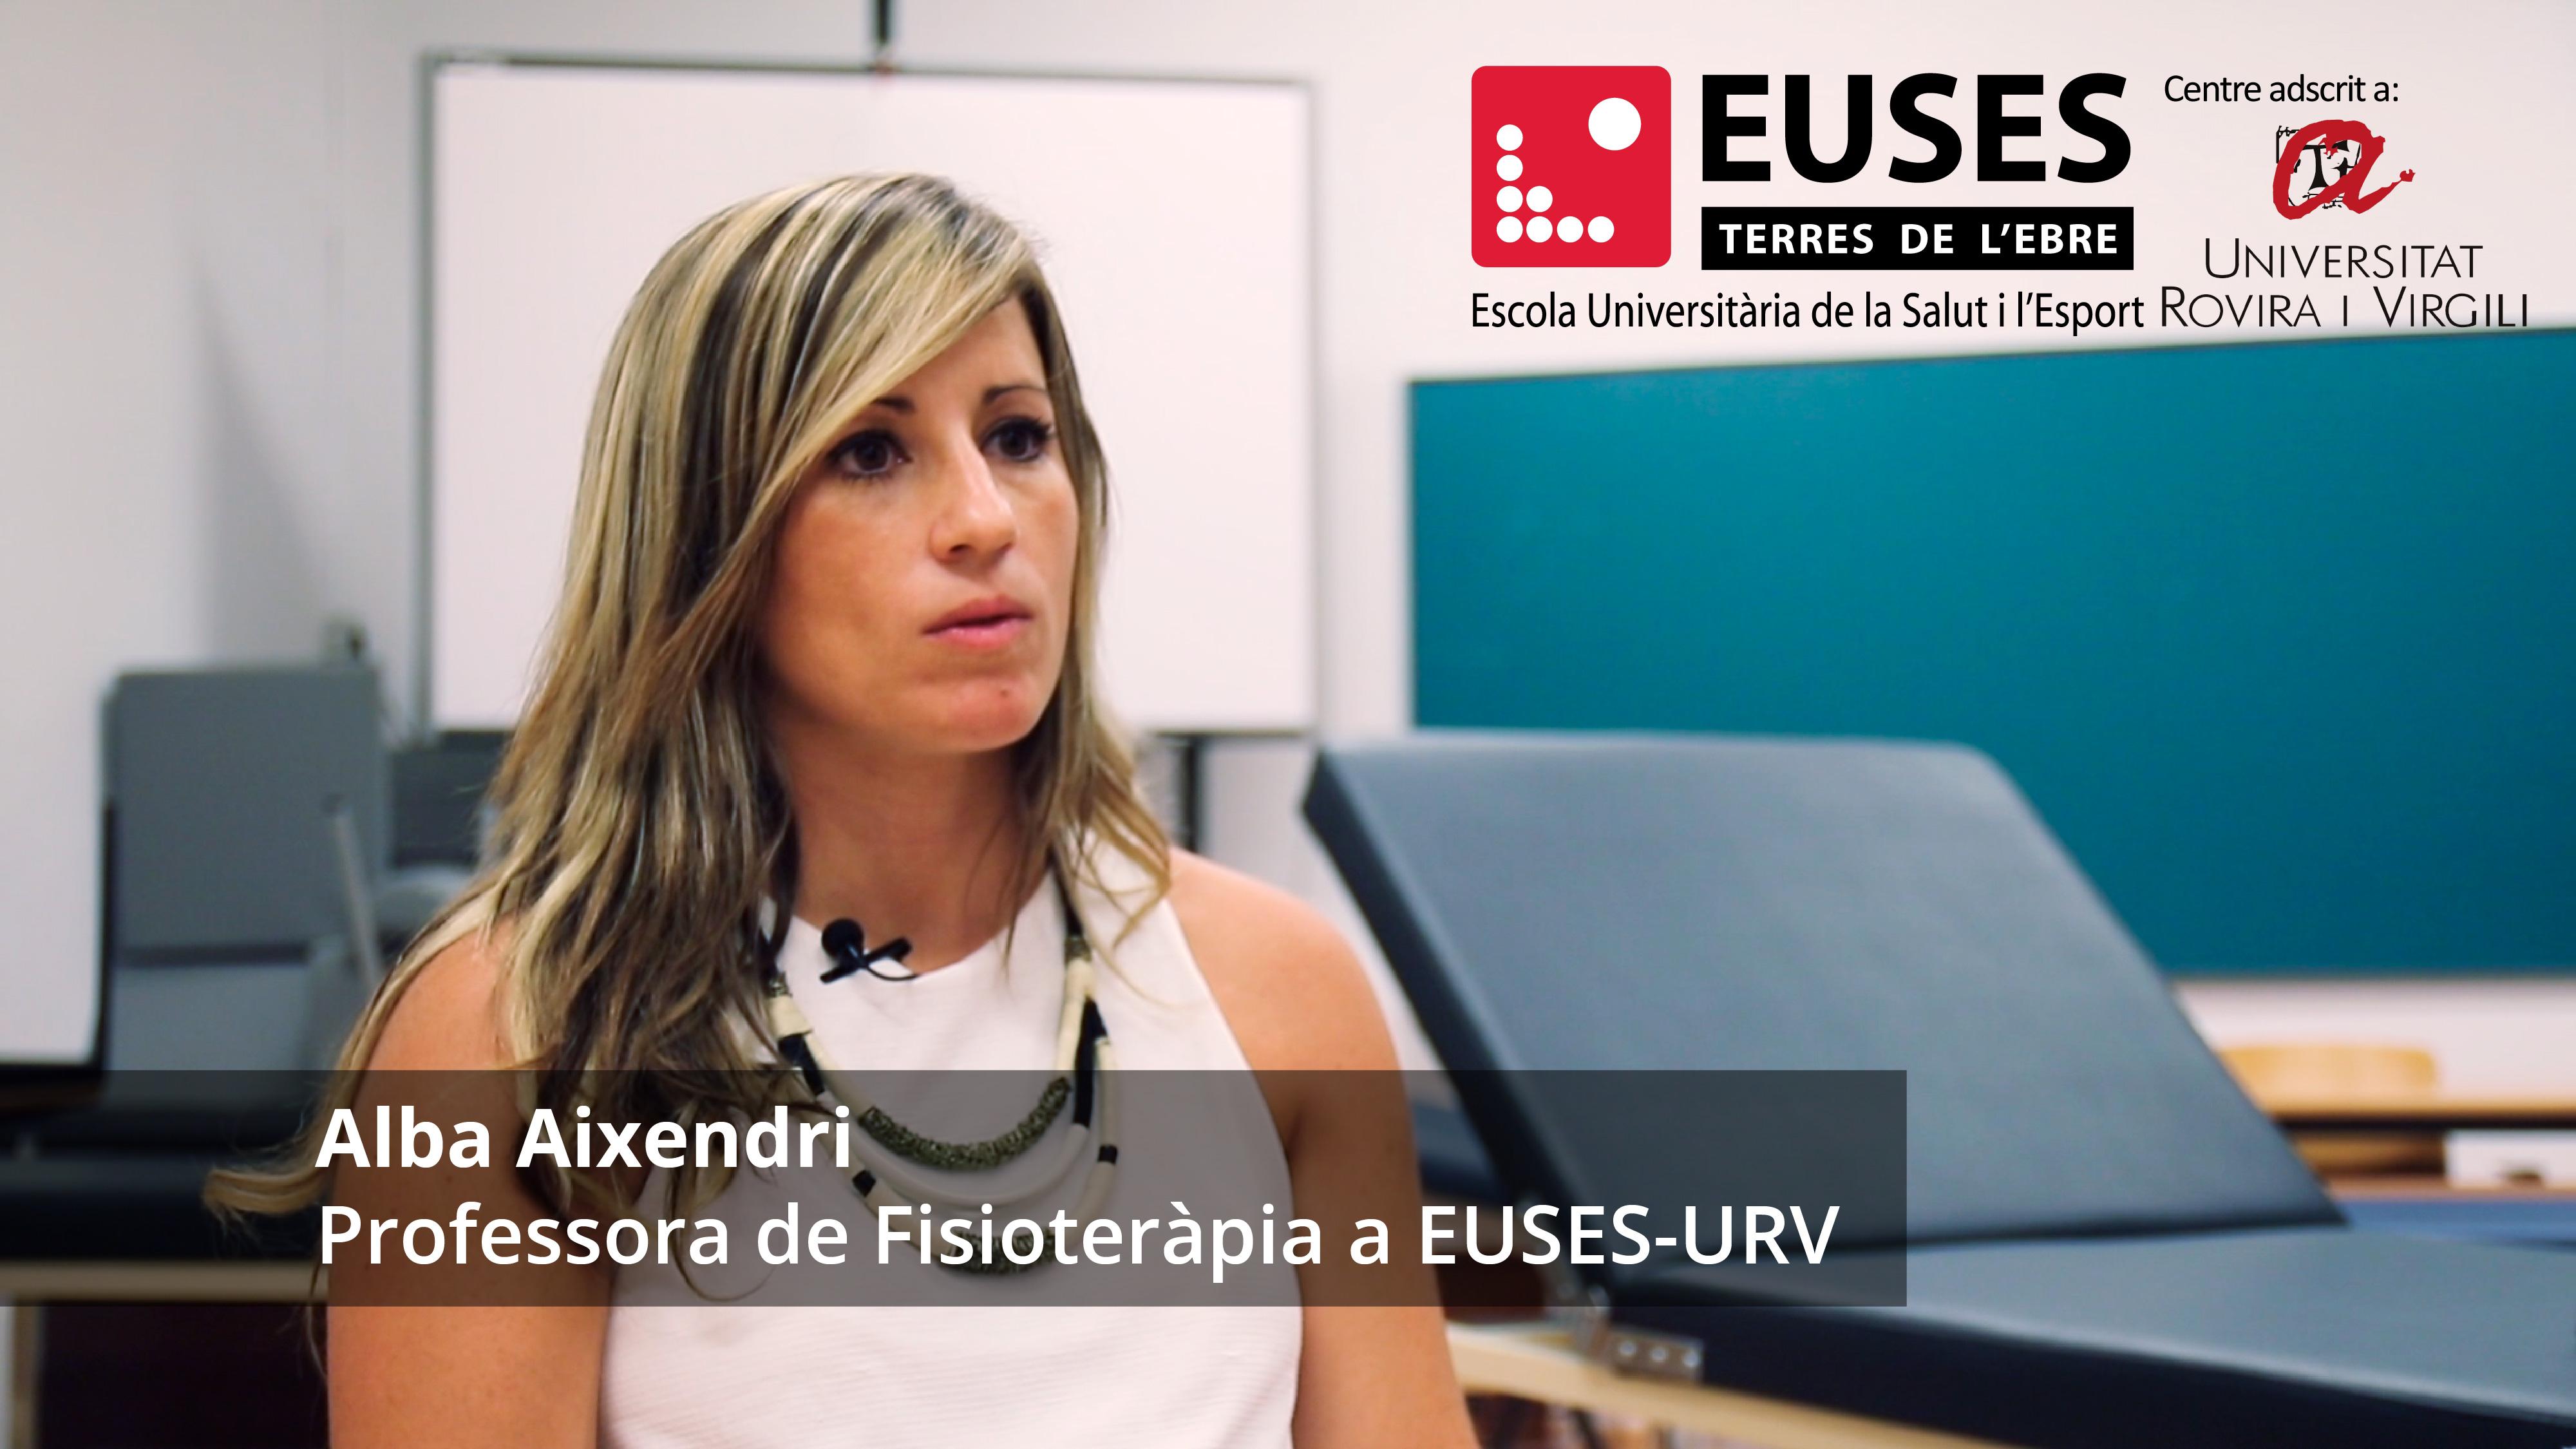 """""""A les meves classes, els alumnes ja se senten fisioterapeutes"""". La professora, Alba Aixendri destaca el vessant pràctic de les assignatures que imparteix al Grau en Fisioteràpia d'EUSES Terres de l'Ebre"""